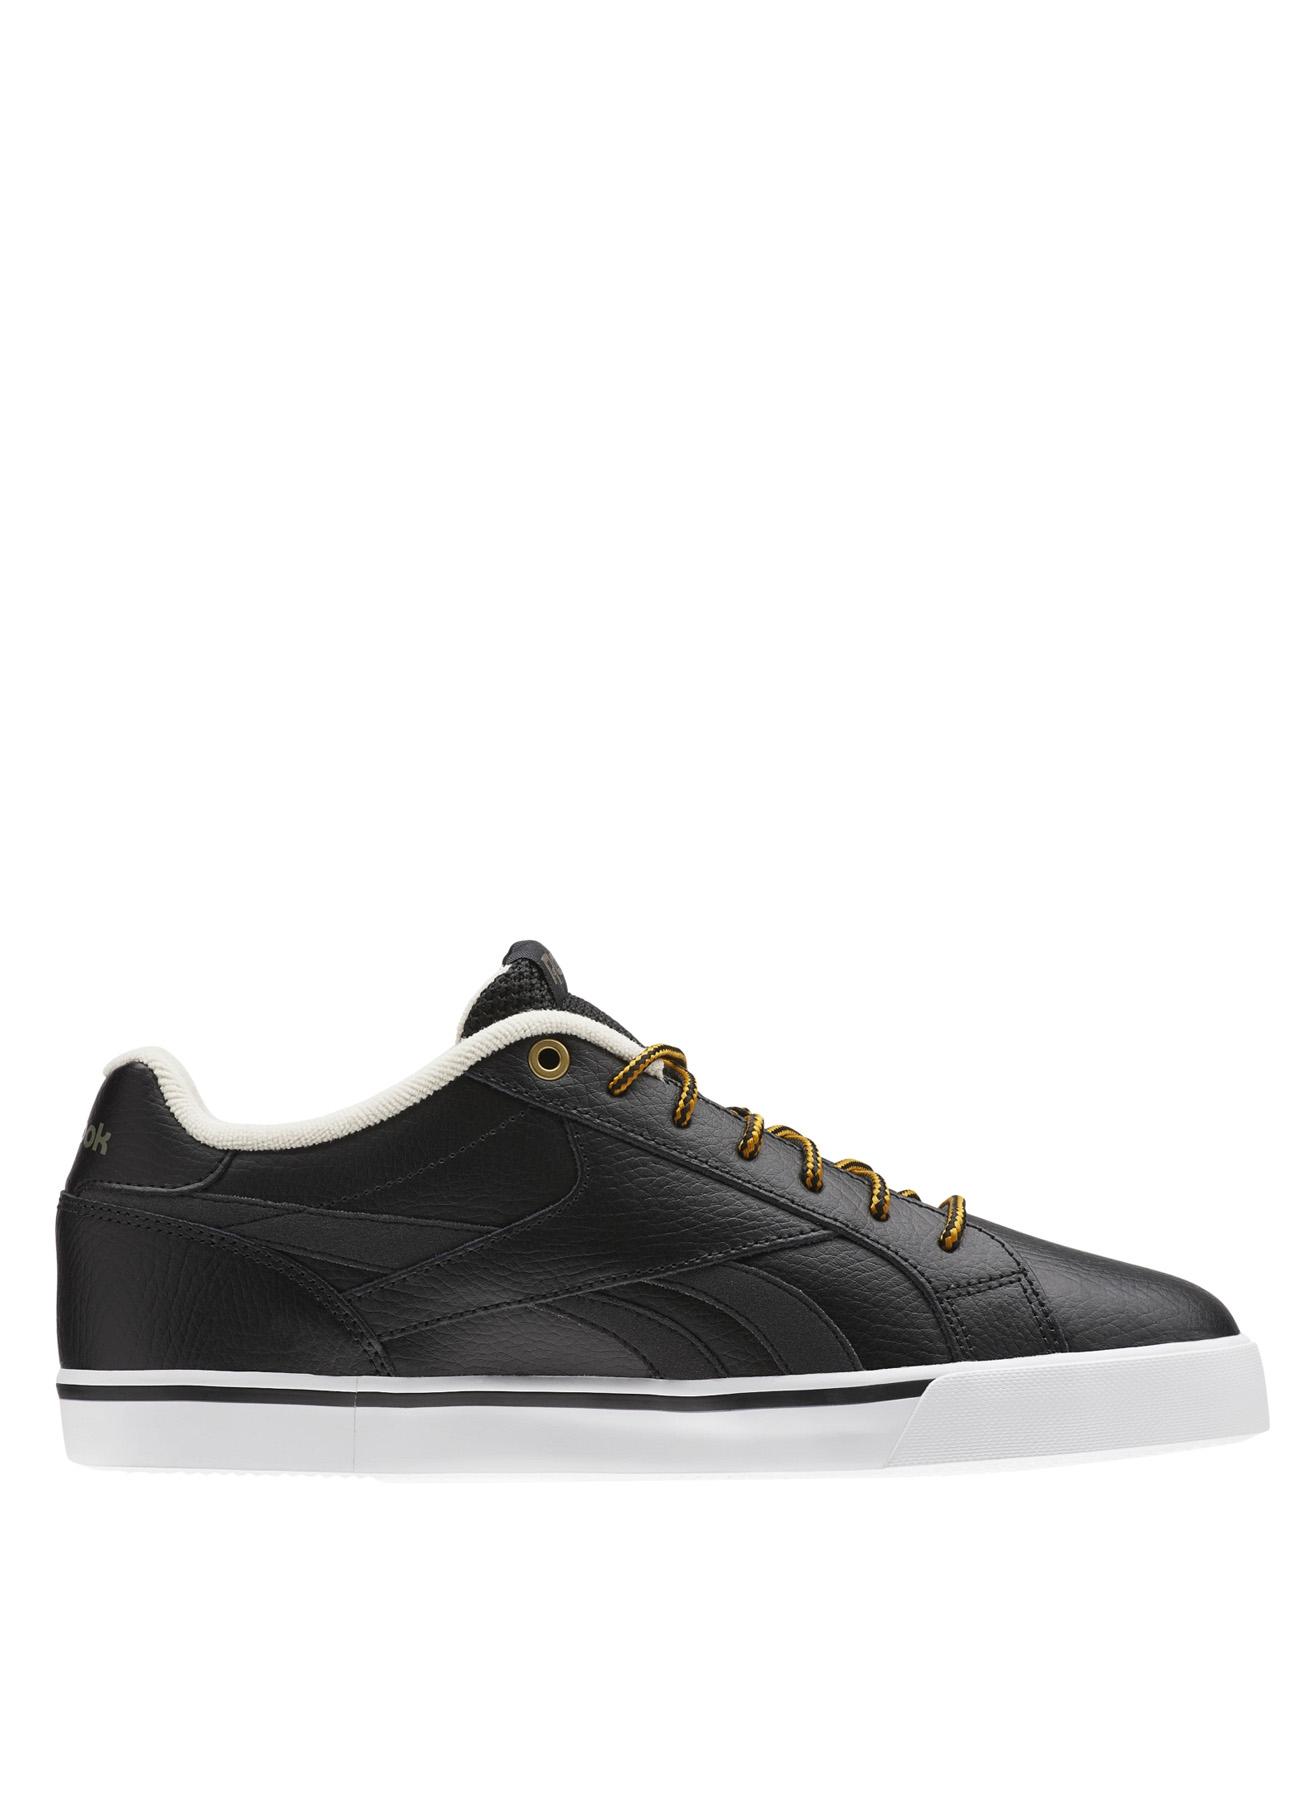 Reebok Royal Complete 2LW Lifestyle Ayakkabı 44 5001633242007 Ürün Resmi